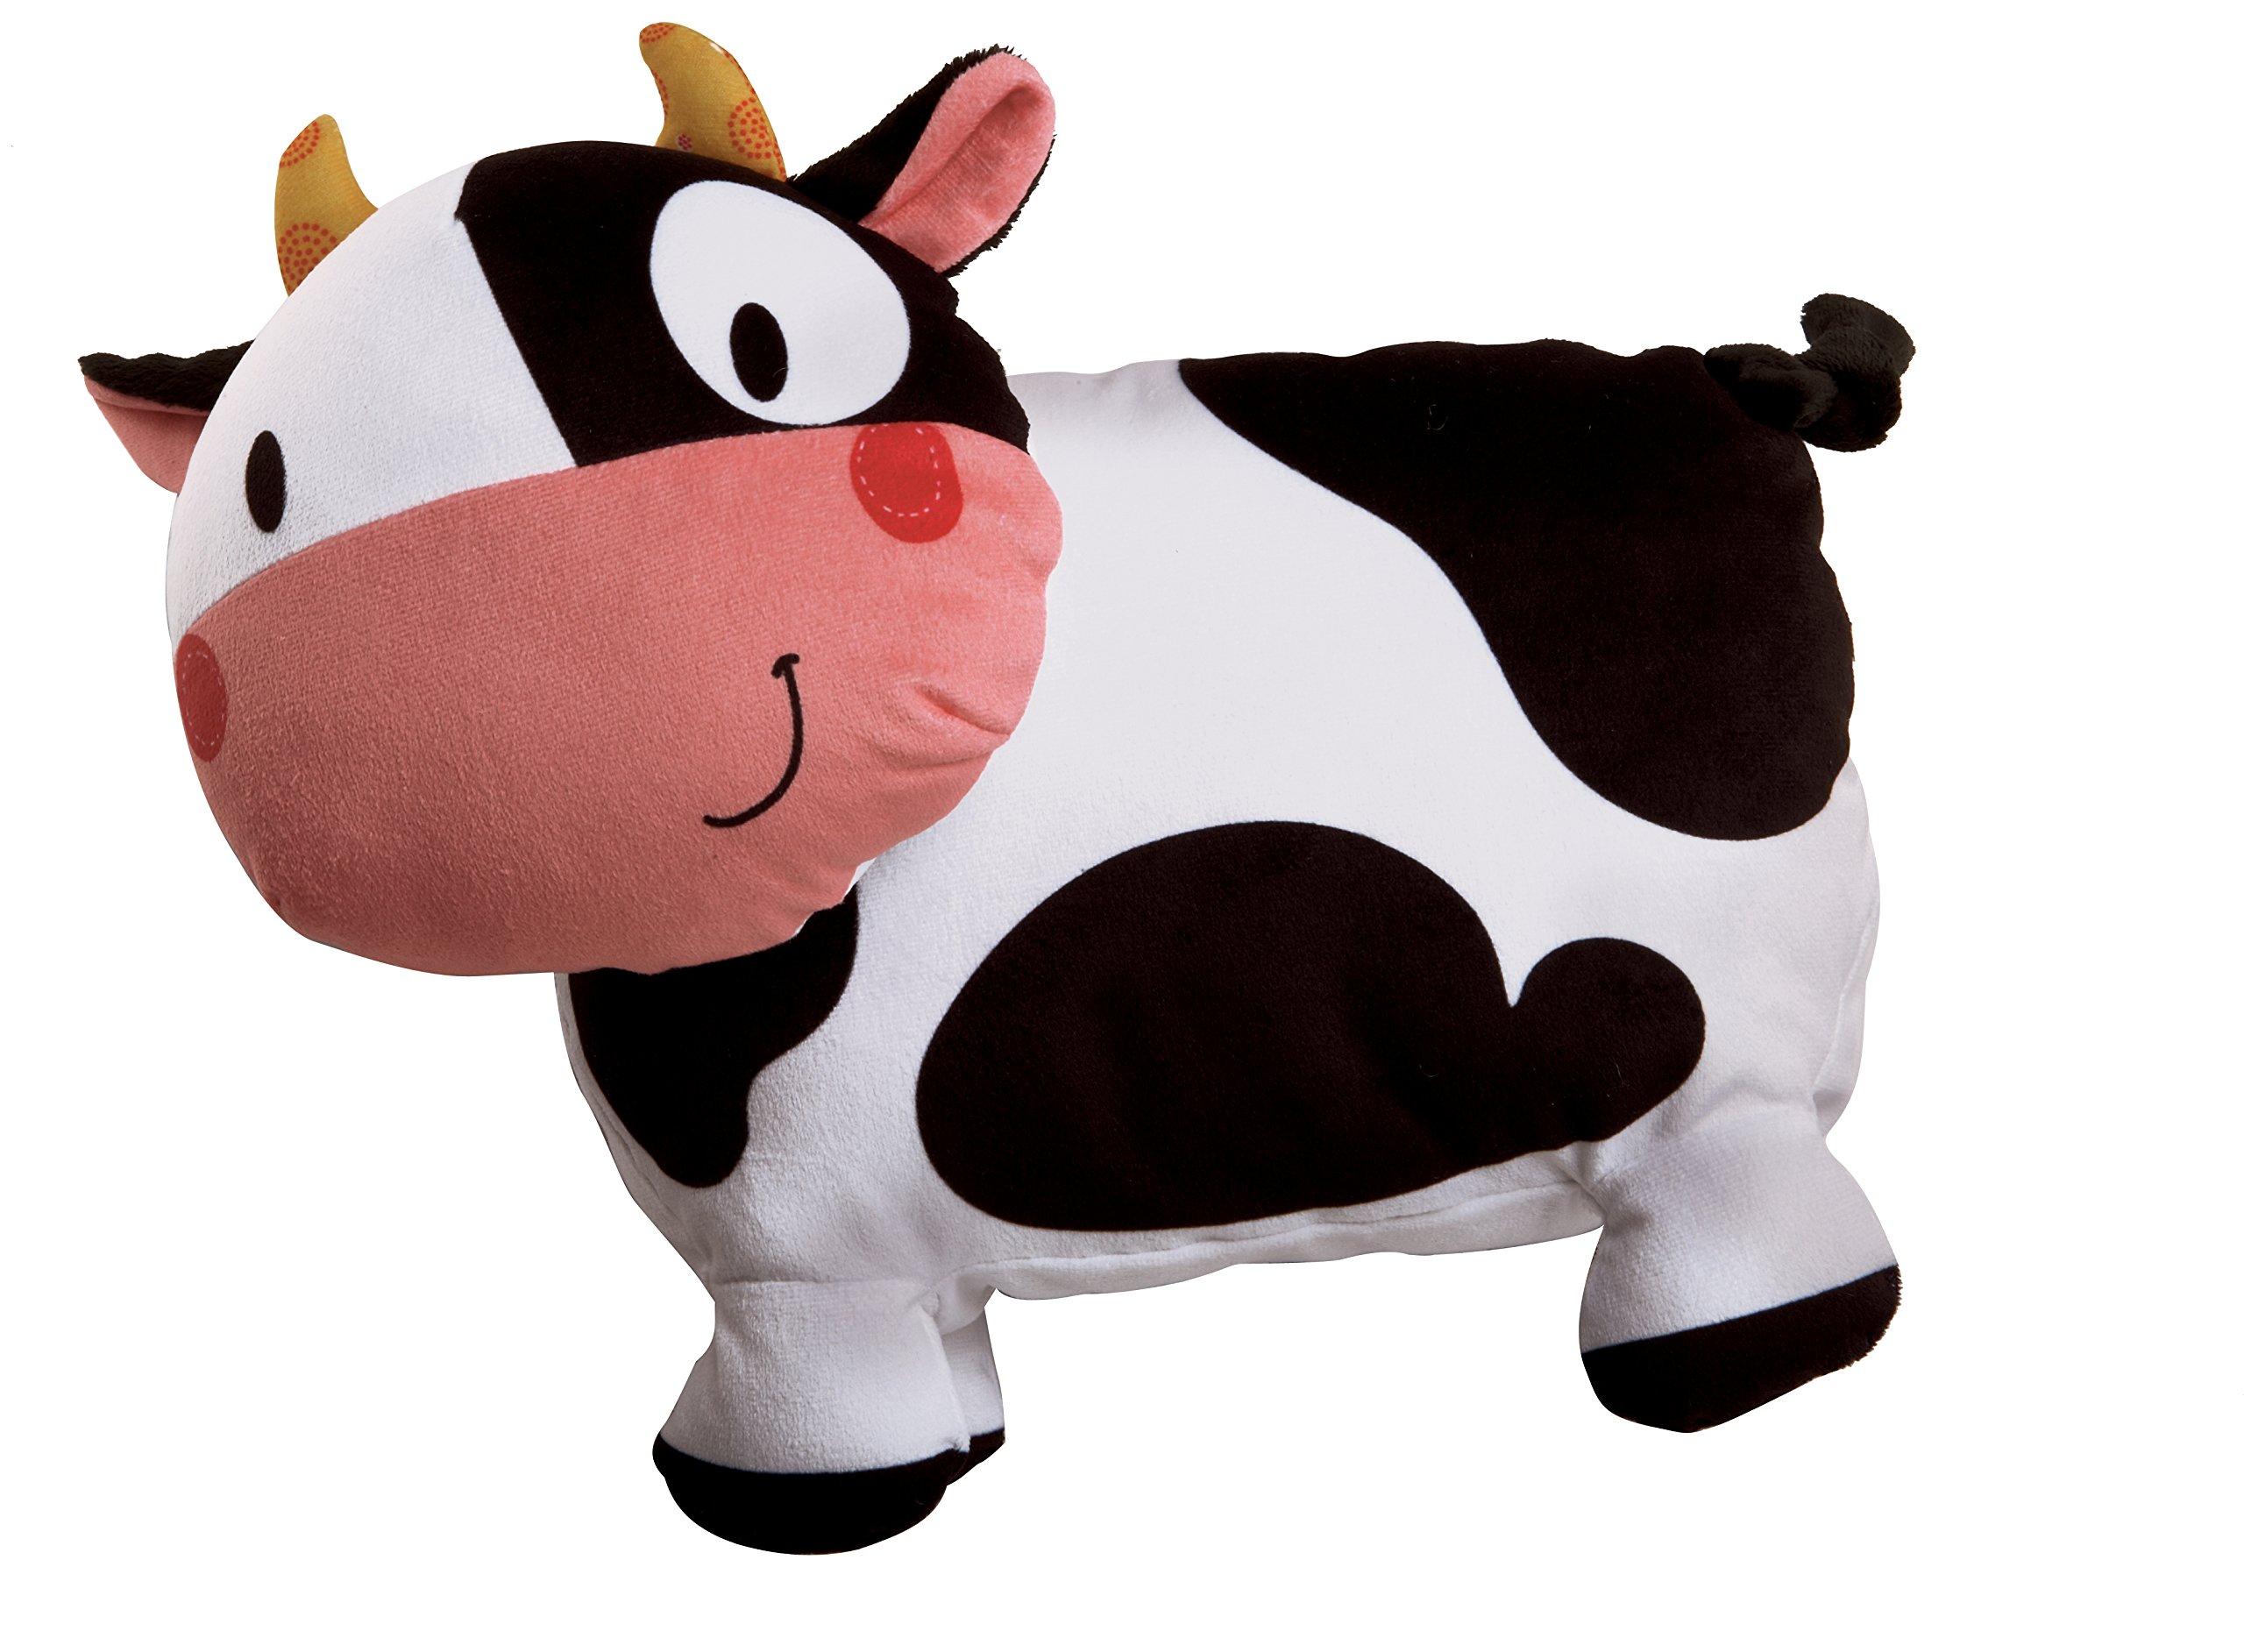 Centro de actividades VTech Baby vaca peluche graciosa